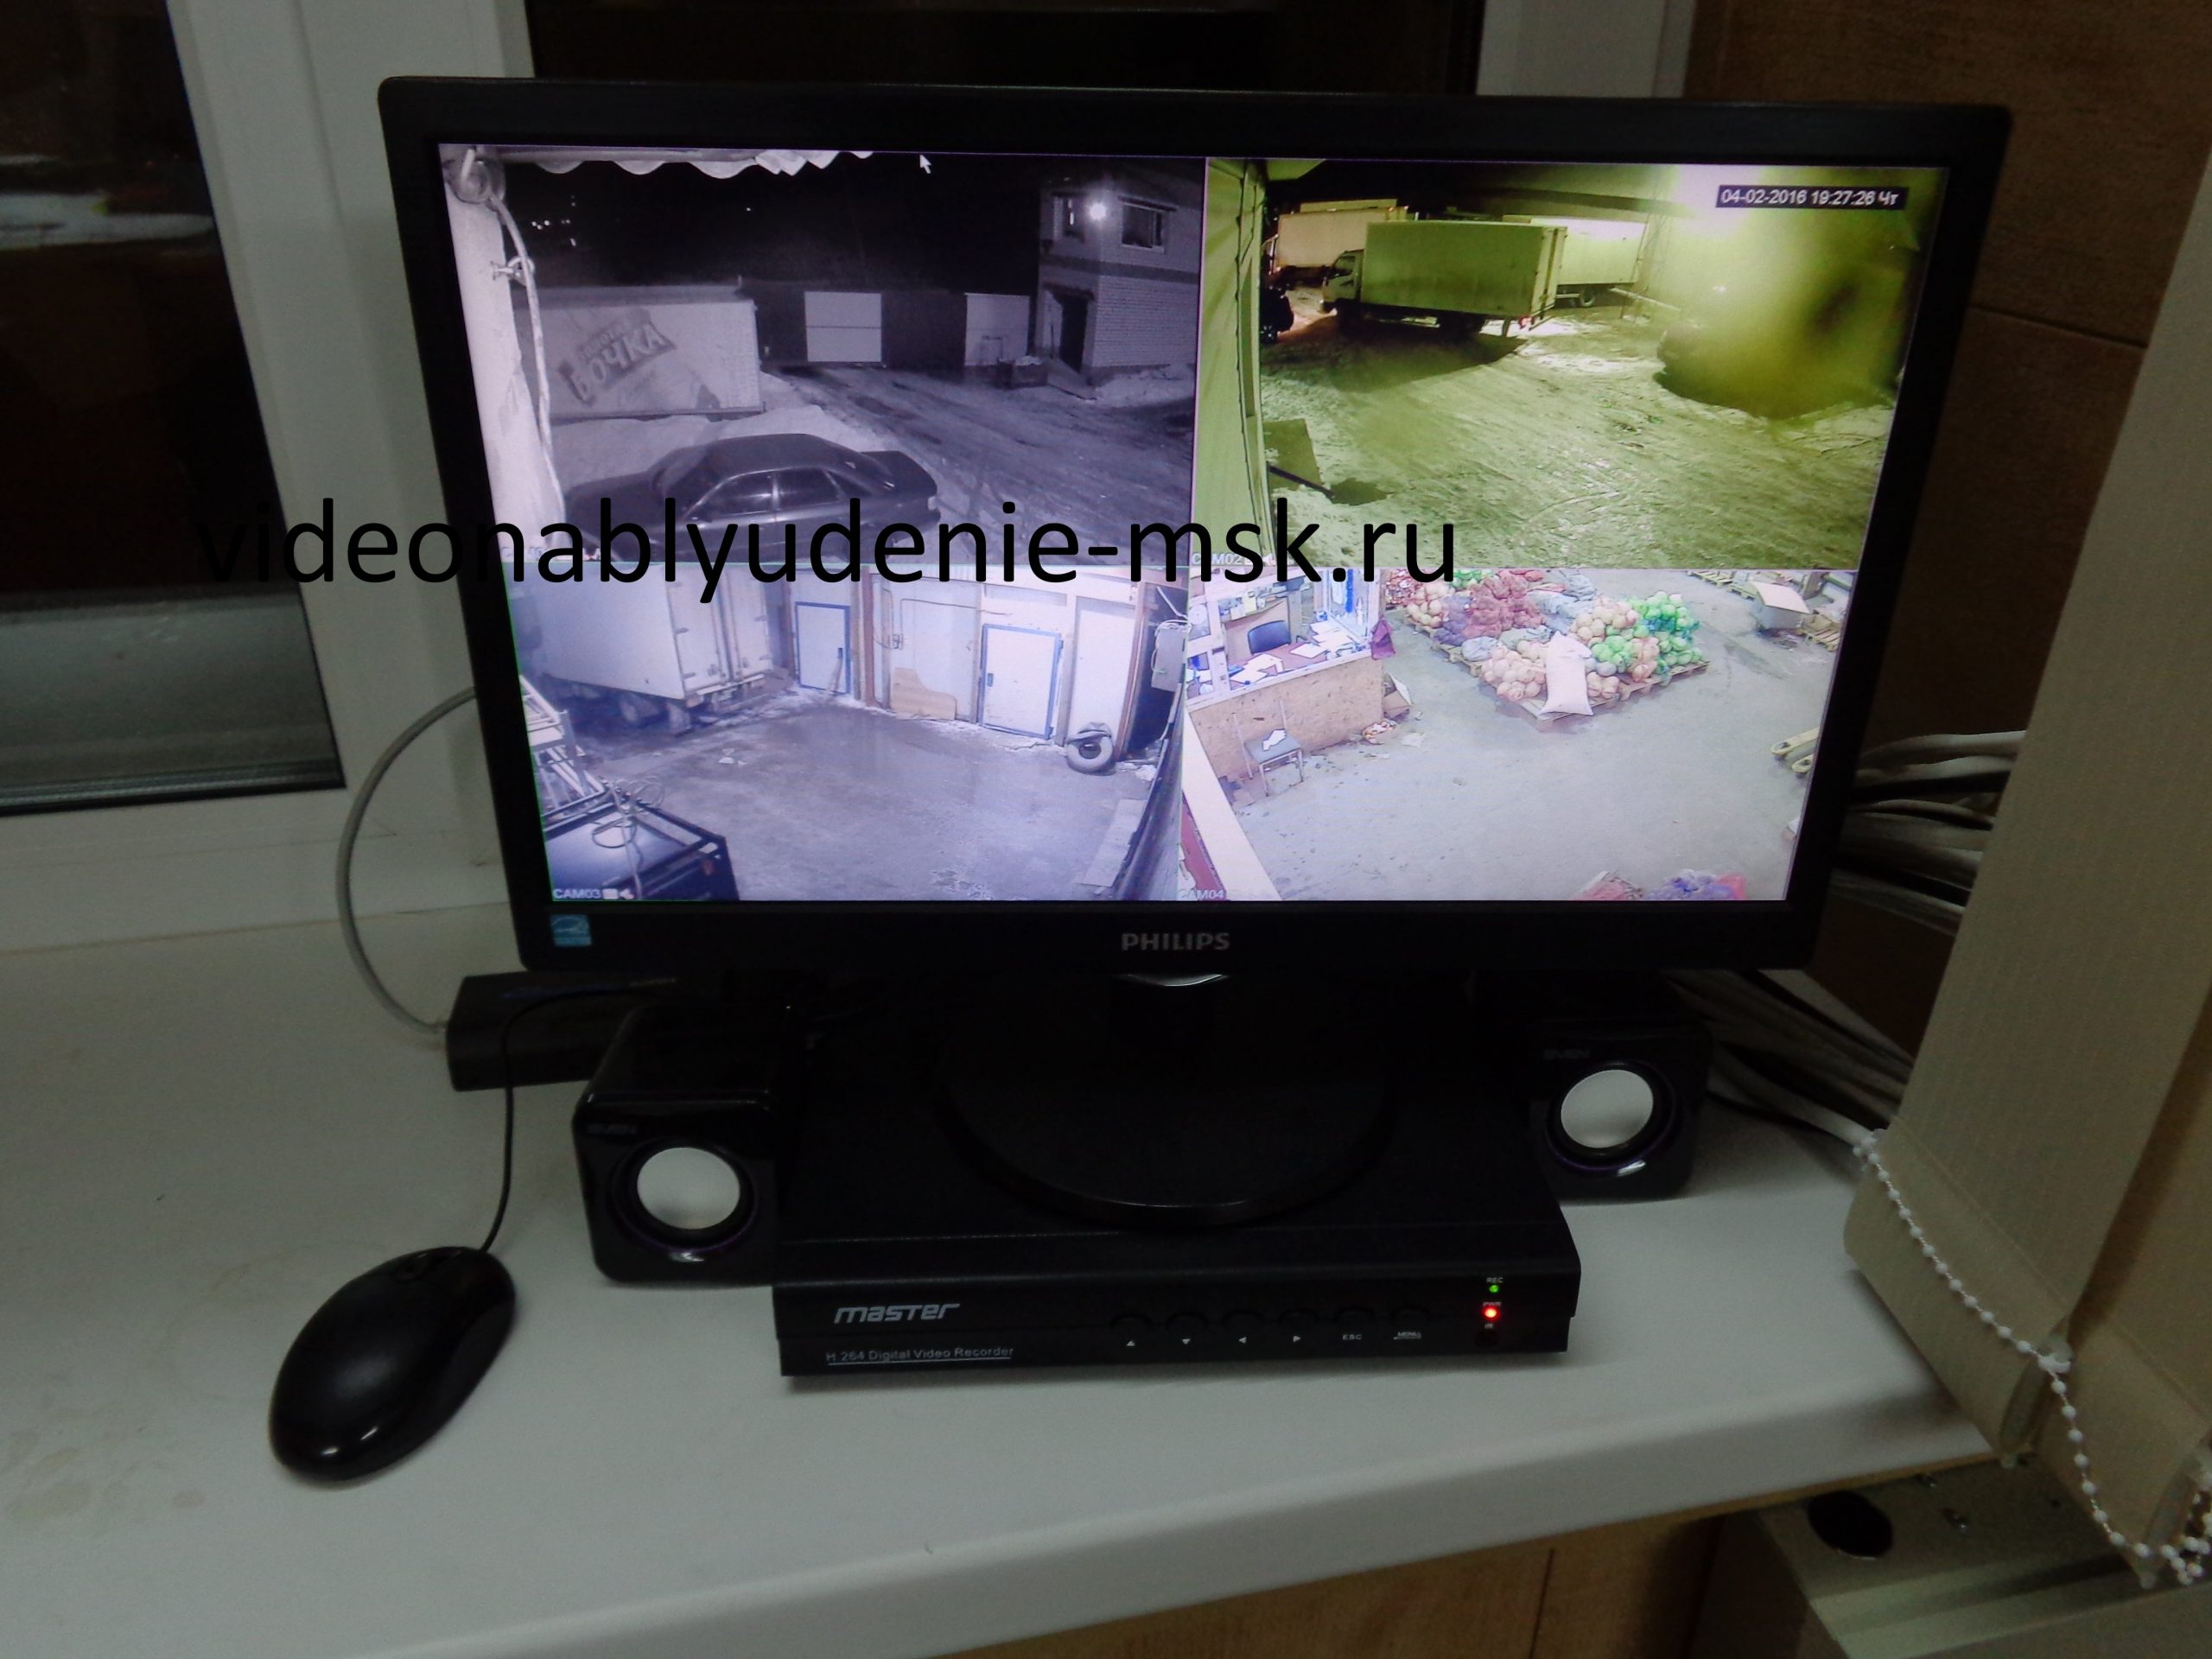 Установка видеонаблюдения на даче